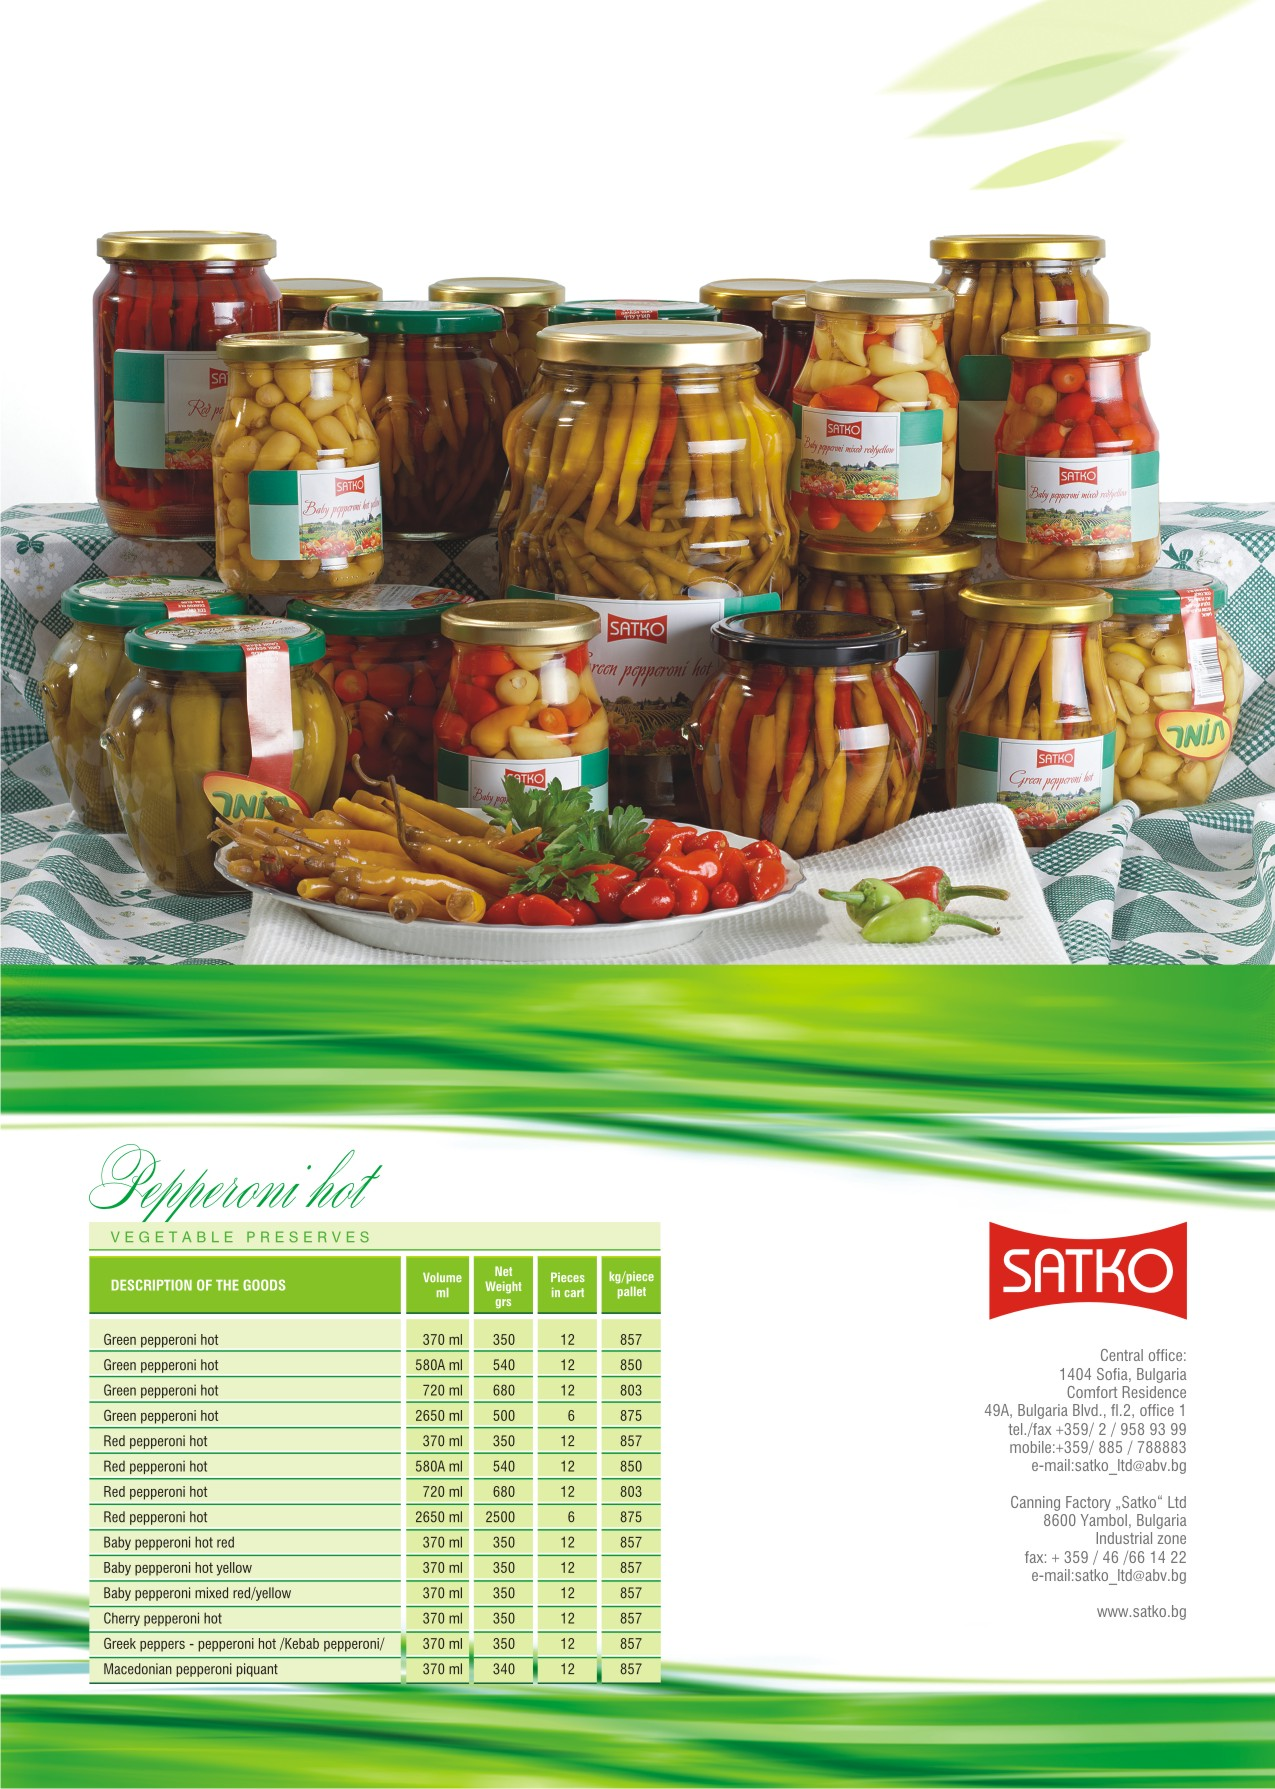 SATKO LTD  - Invest Bulgaria.com